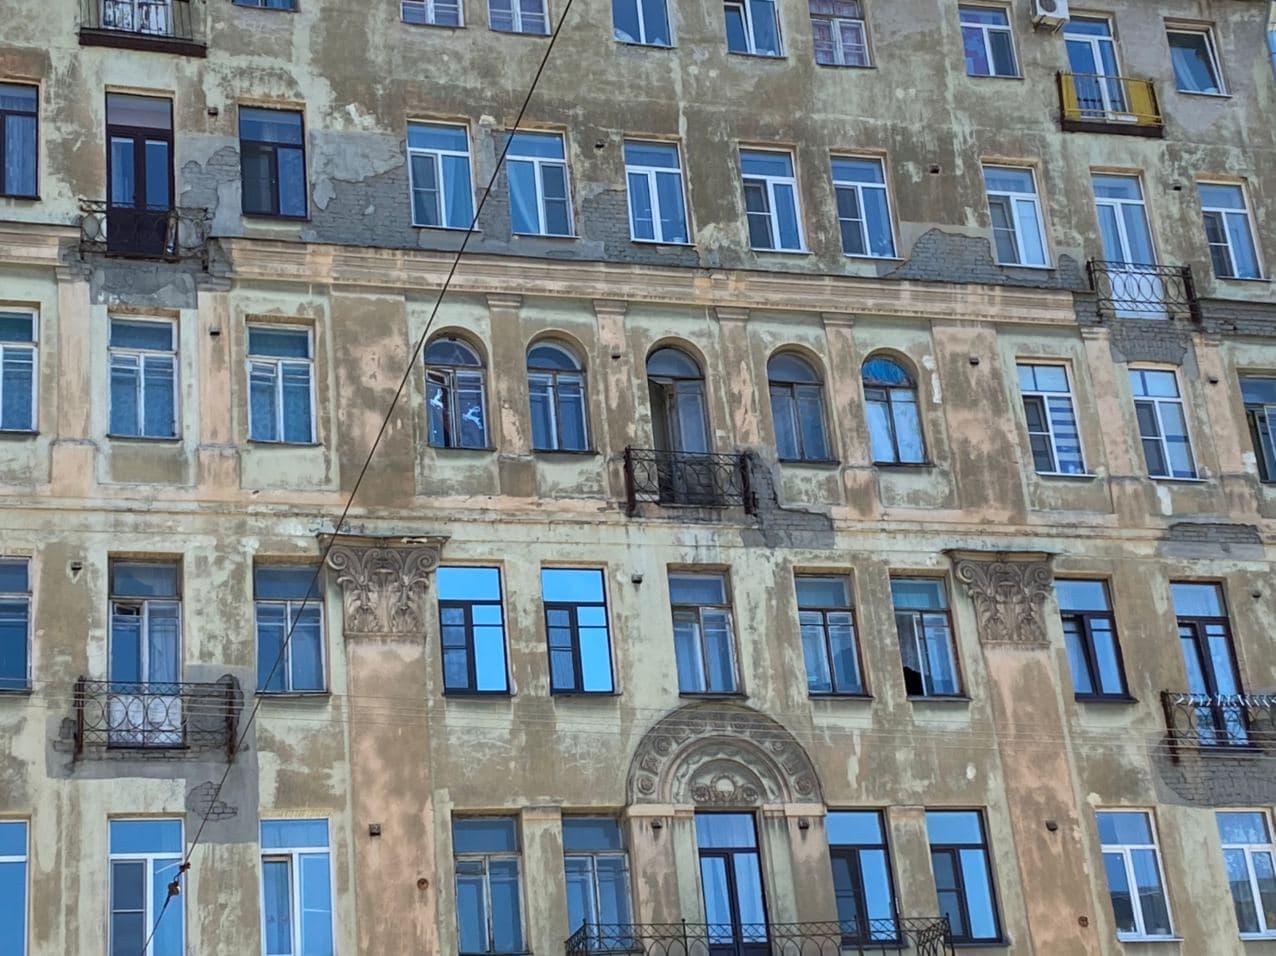 Джульетта, смотри под ноги. Демонтаж аварийного балкона стал сюрпризом для нового собственника